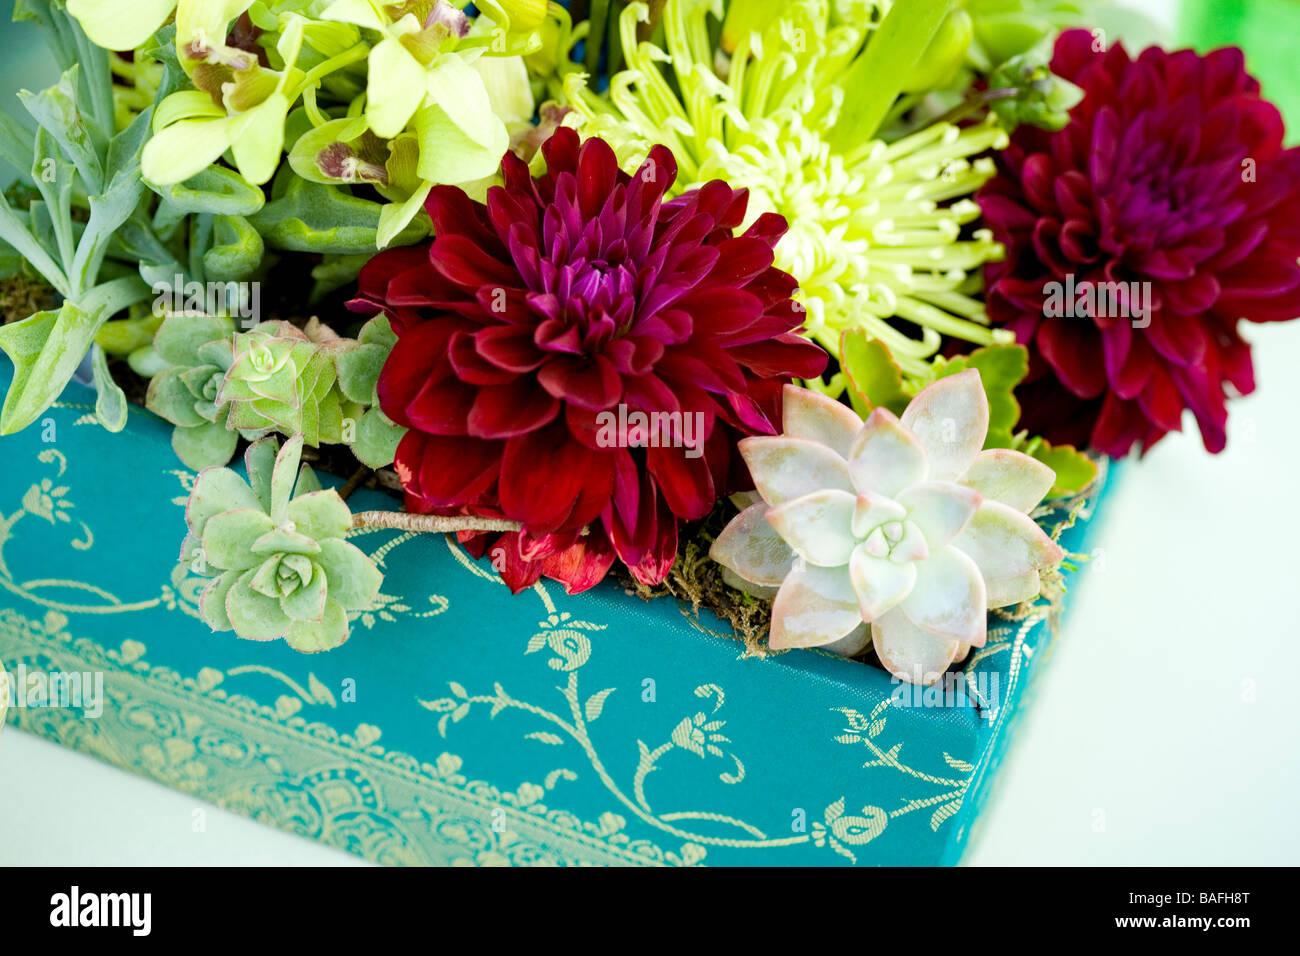 Flowers Arrangement Centerpiece Color Blue Green Bright Stock Photo Alamy